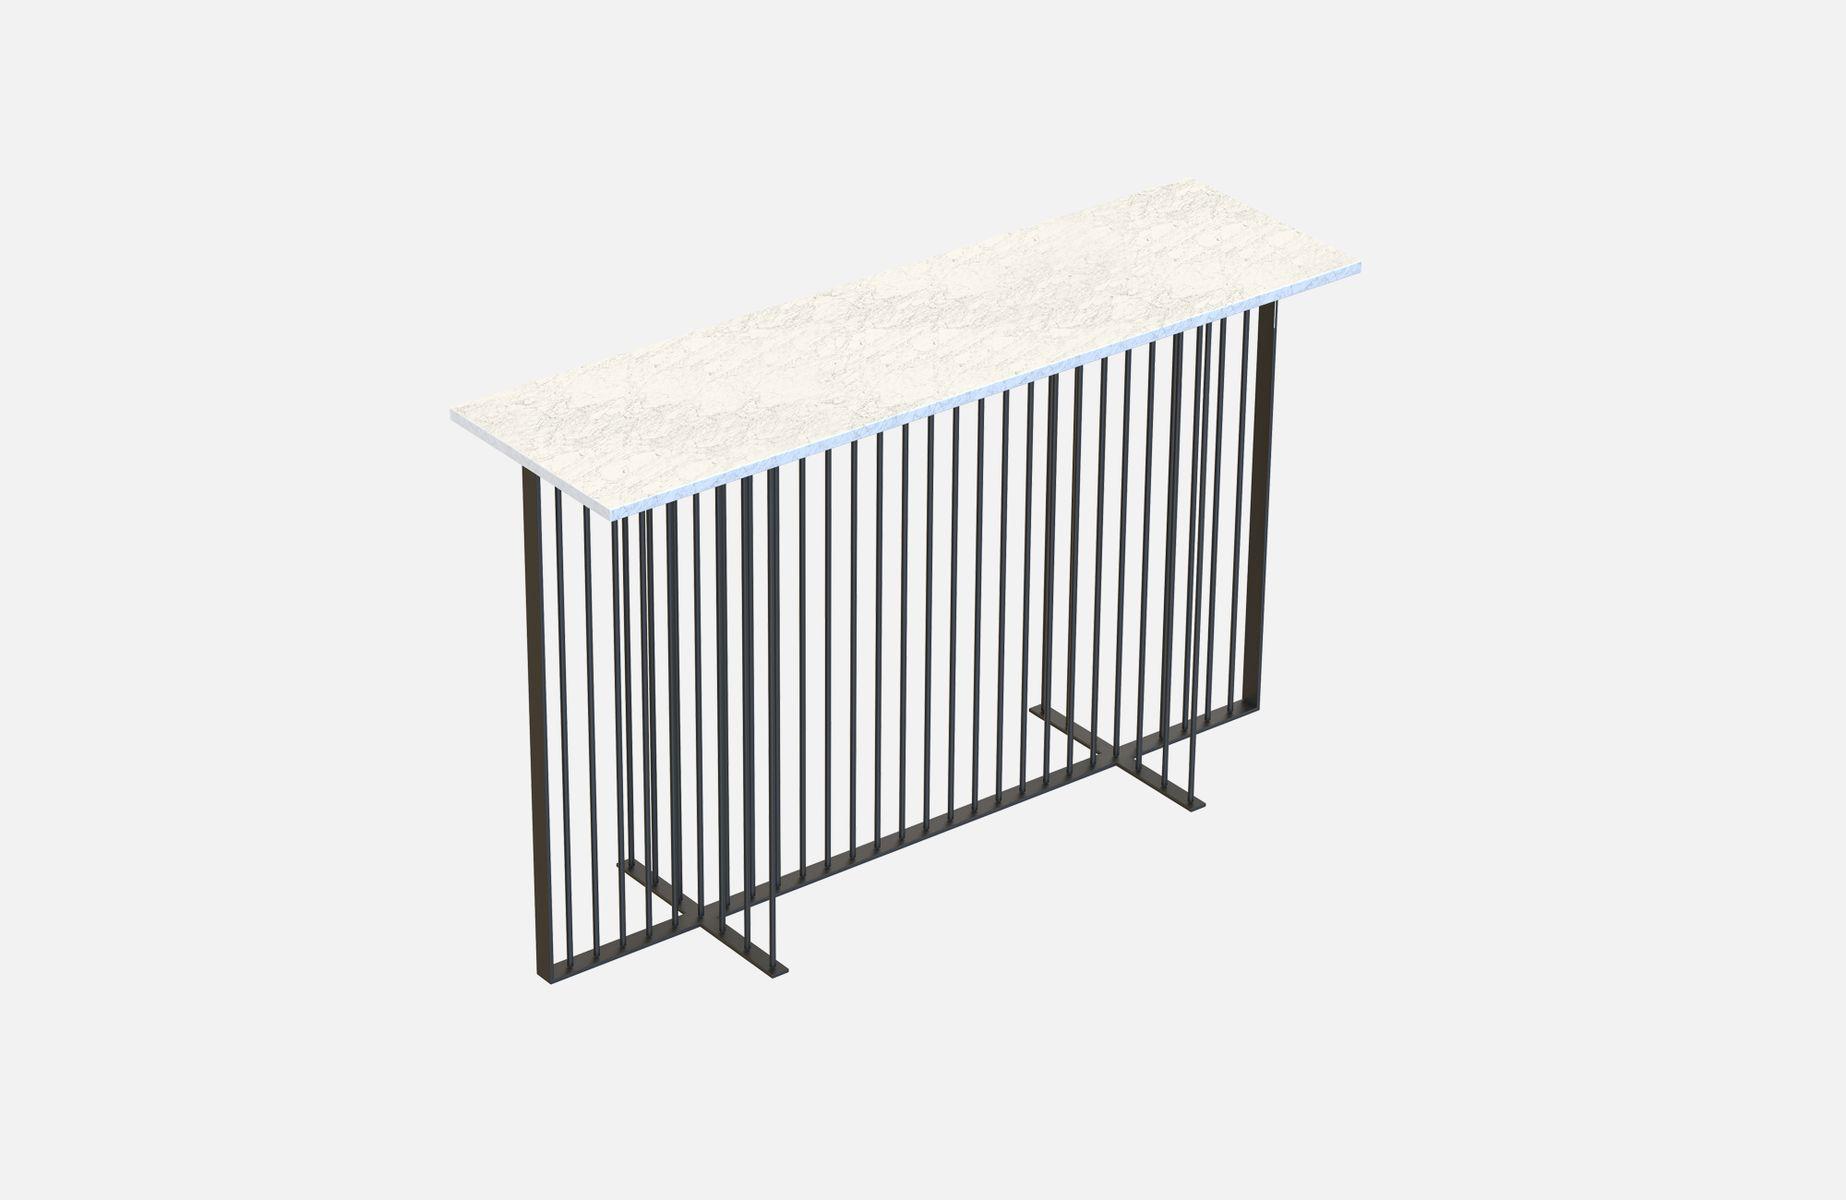 schwarzer meister konsolentisch mit wei er tischplatte aus marmor von alex baser f r miist bei. Black Bedroom Furniture Sets. Home Design Ideas